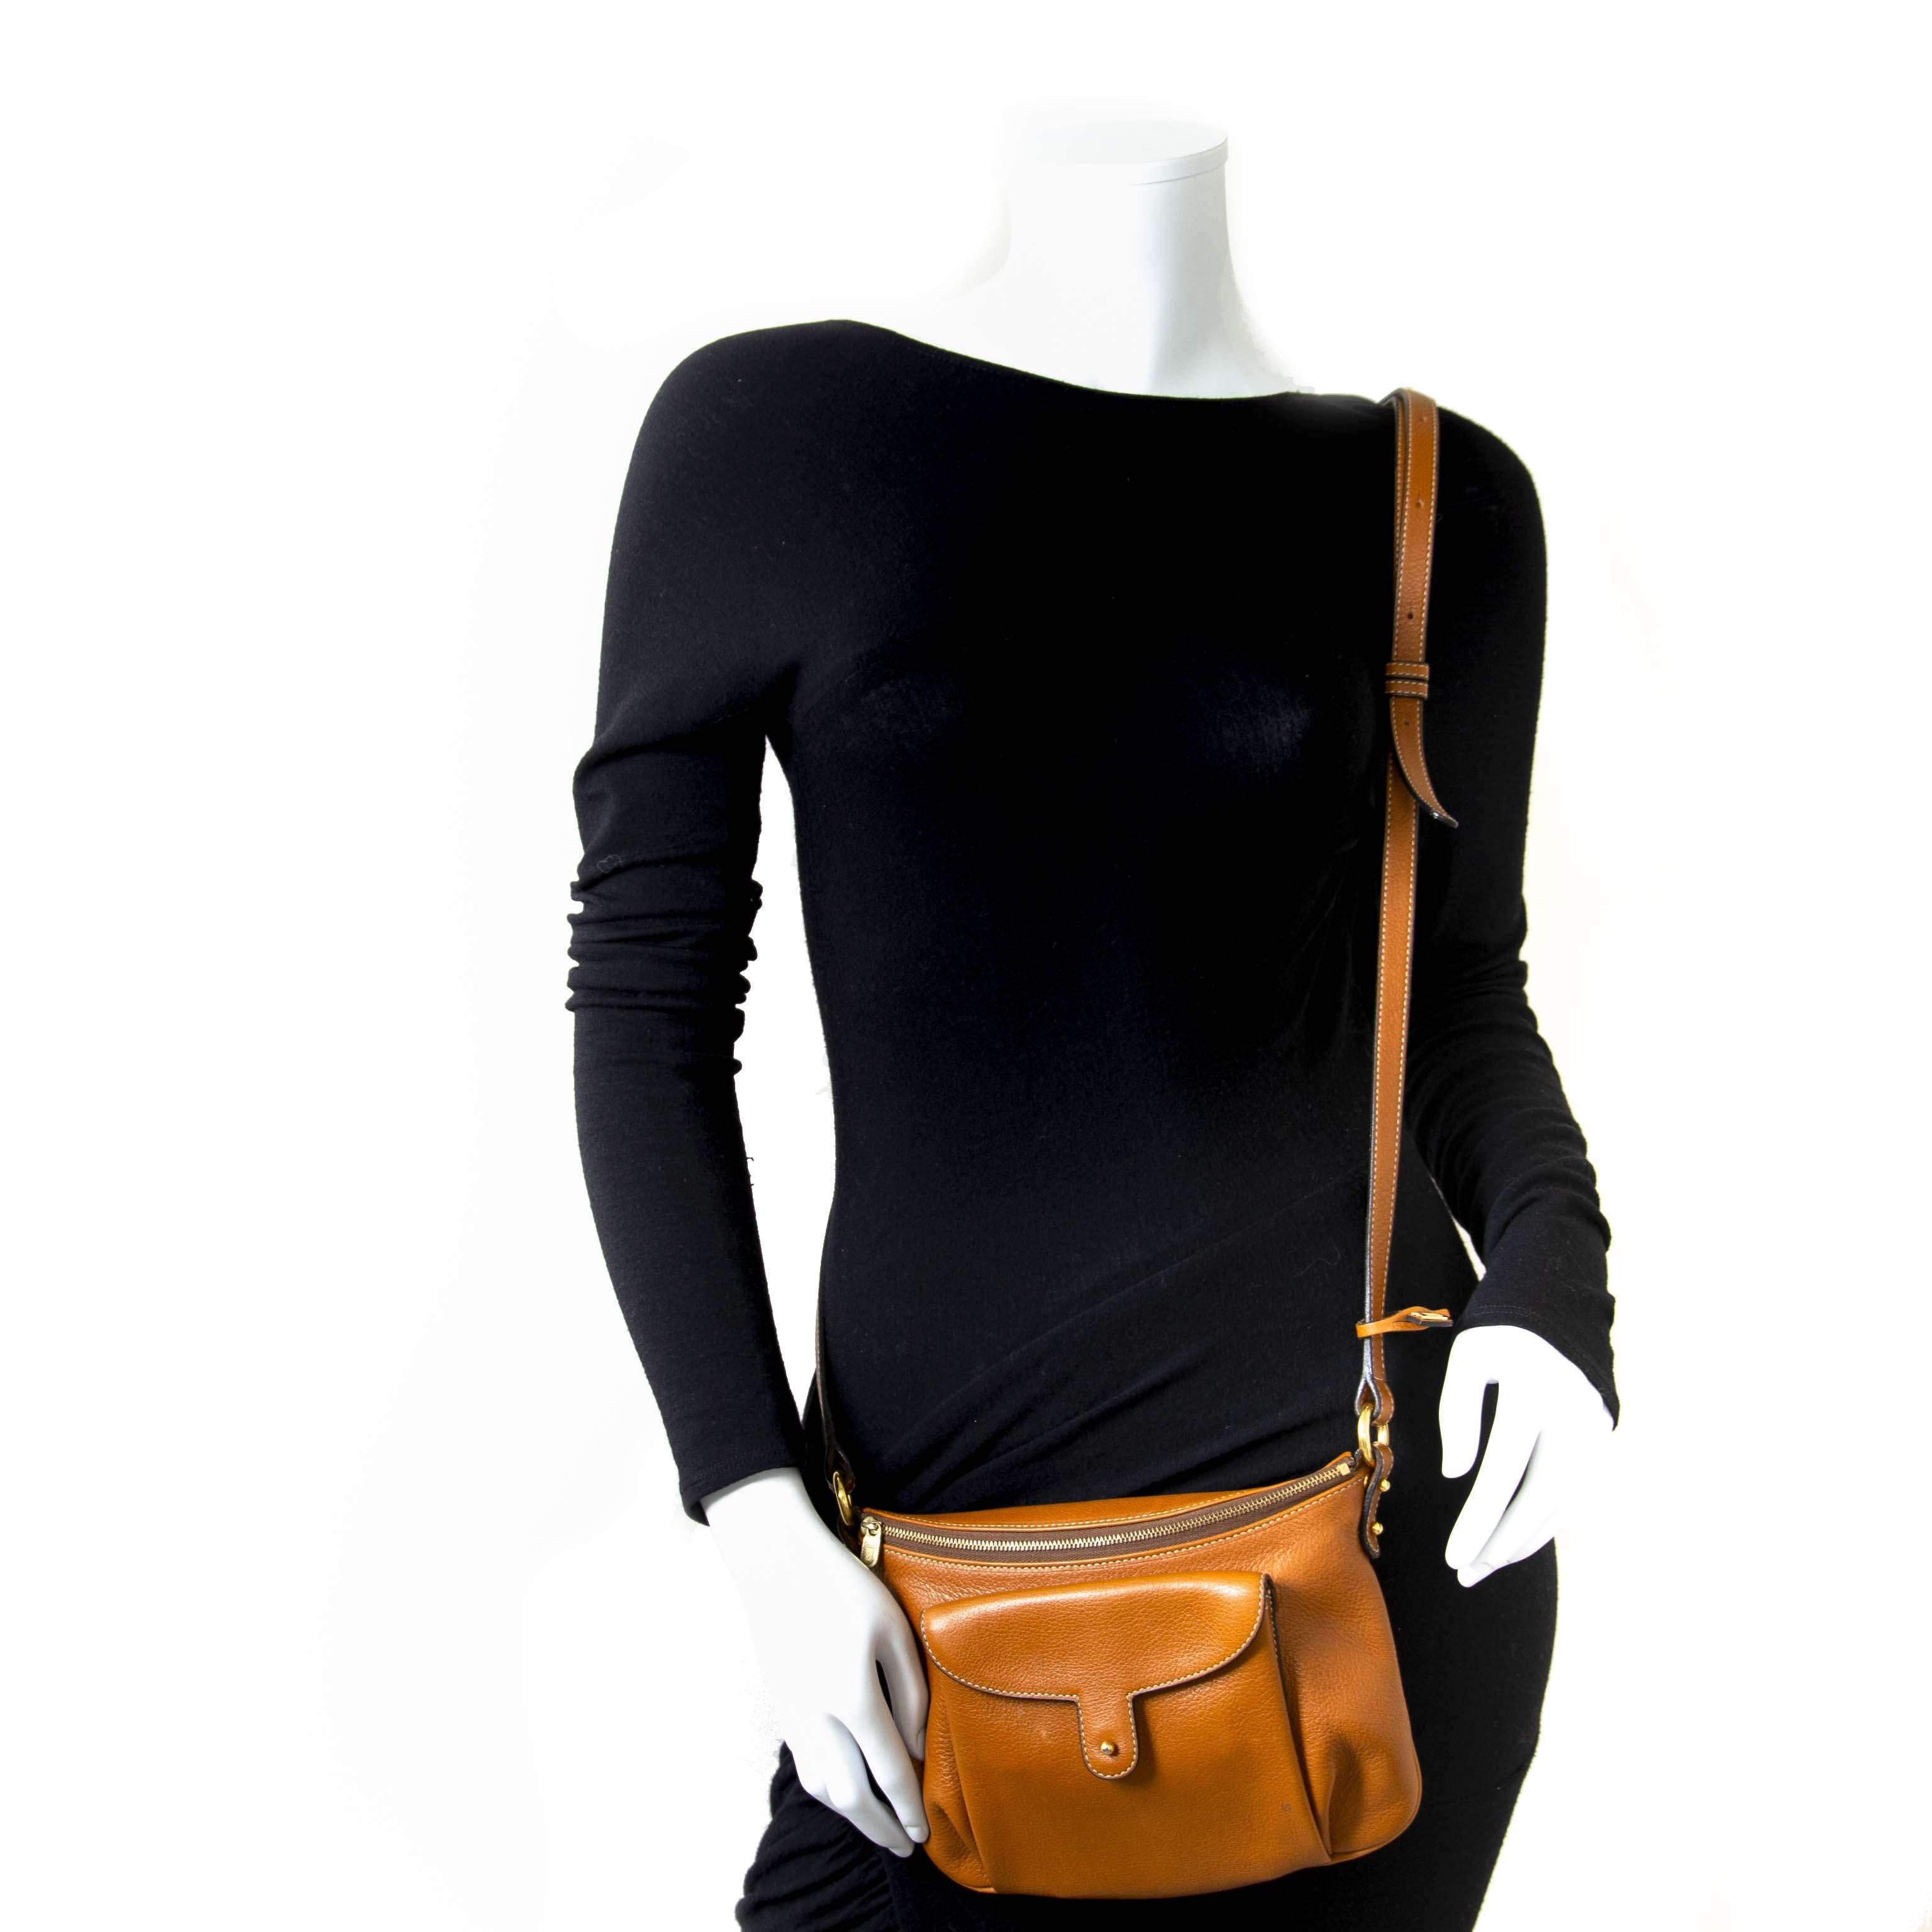 Vintage preloved bags Delvaux crossbody brown handtas tas bruin leder